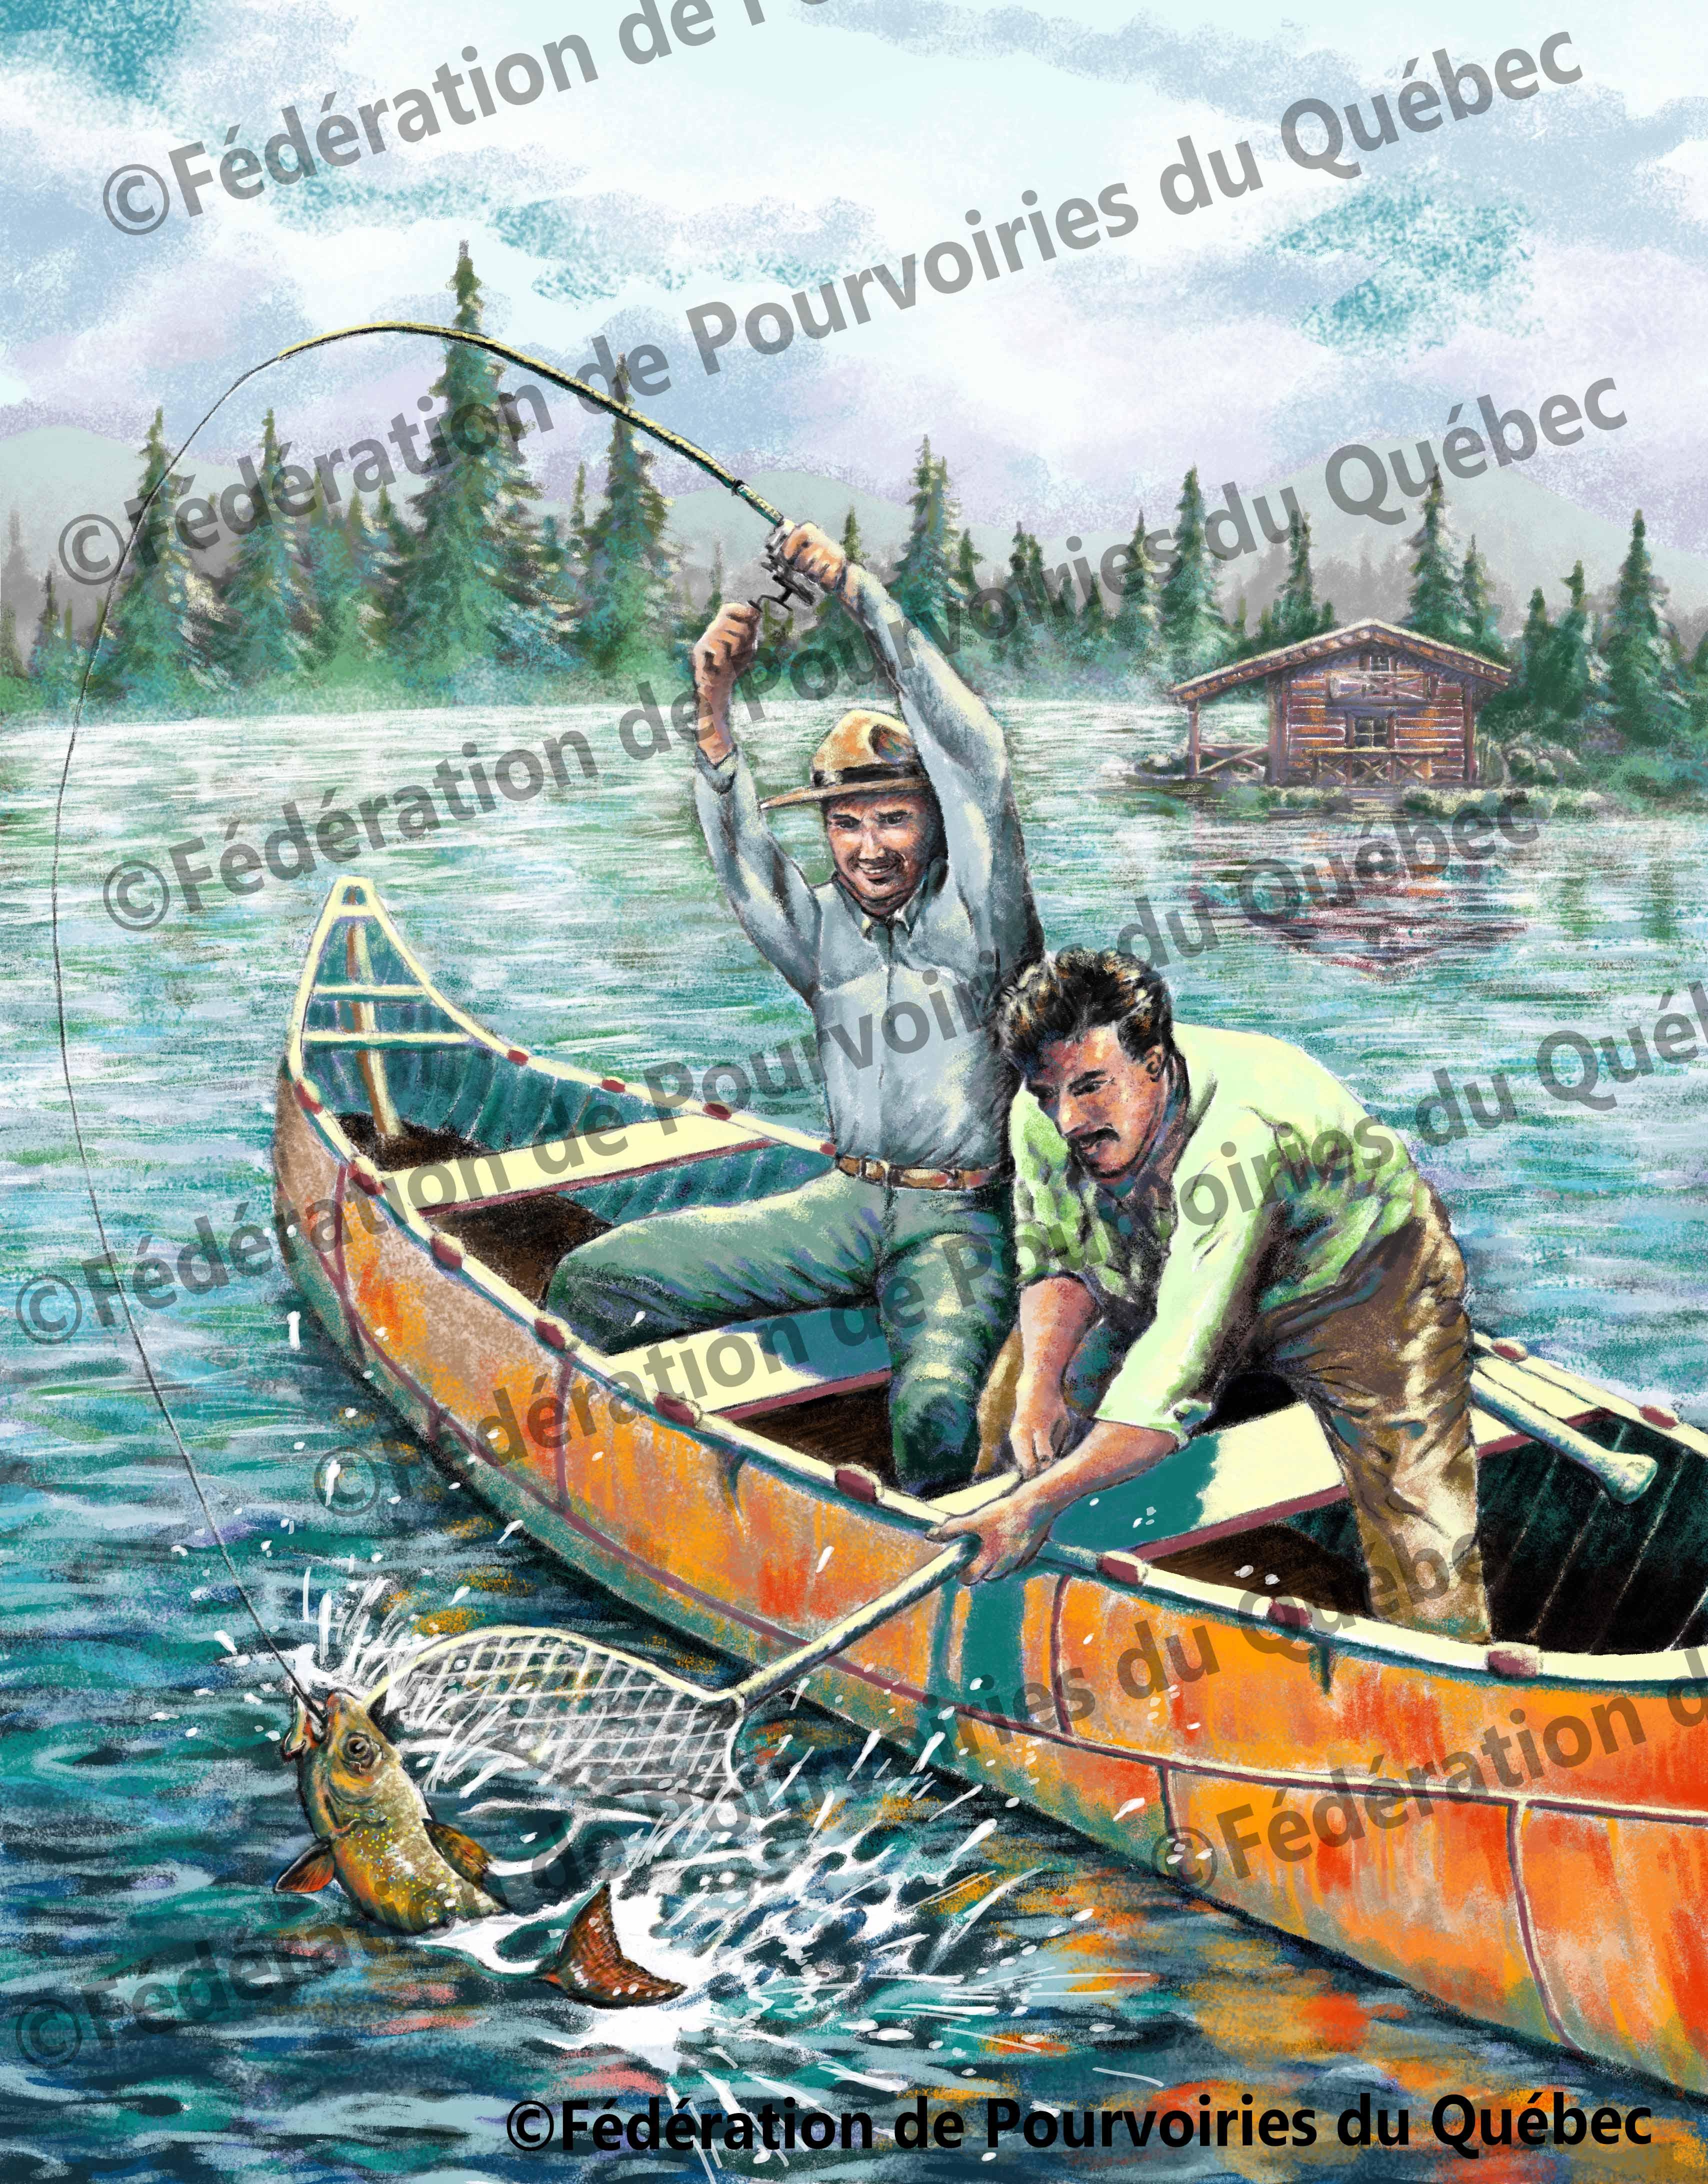 Fédération de Pourvoiries du Québec